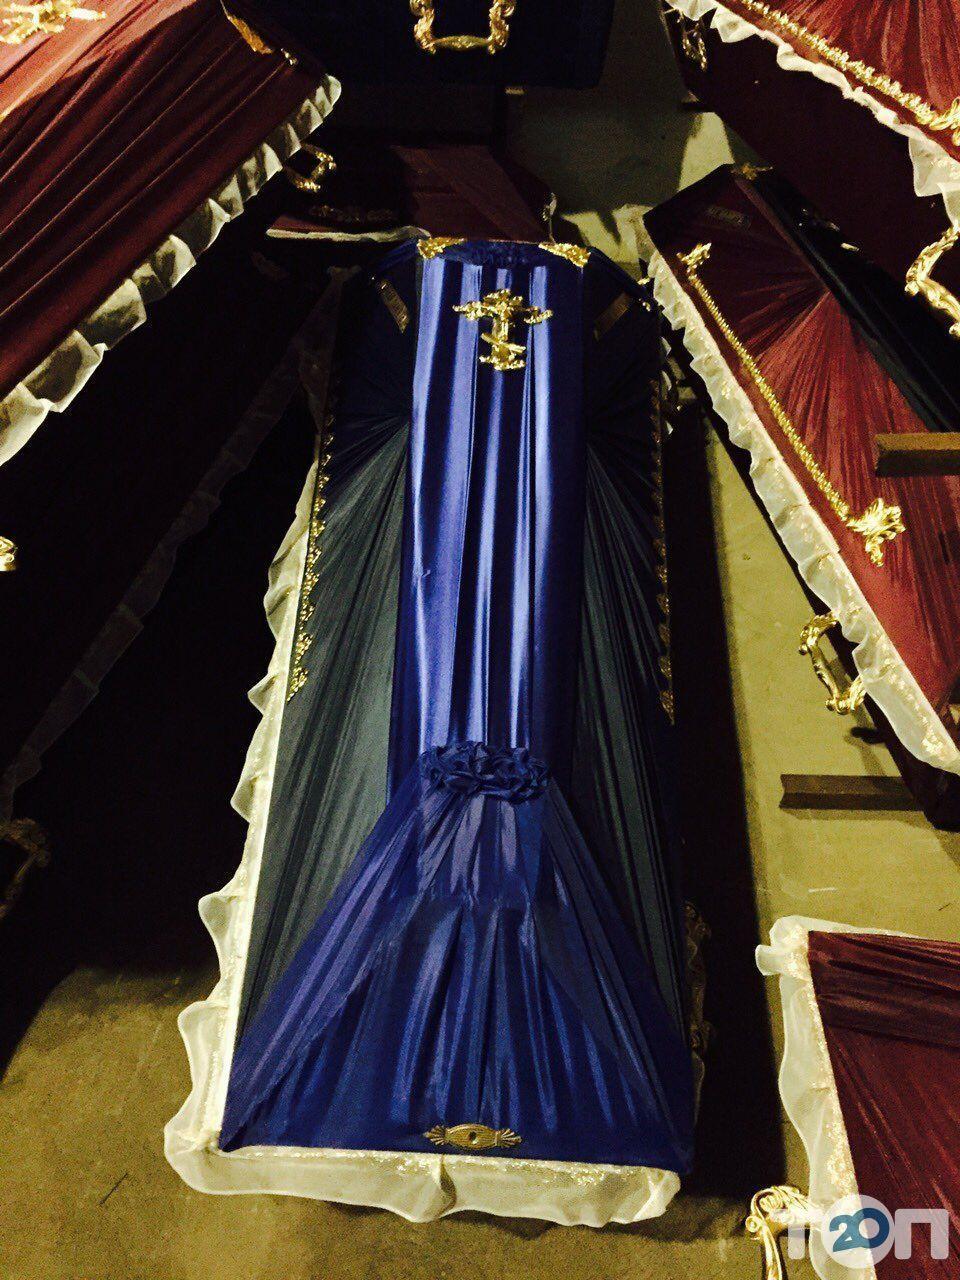 Реквієм, центр ритуальних послуг та товарів - фото 29